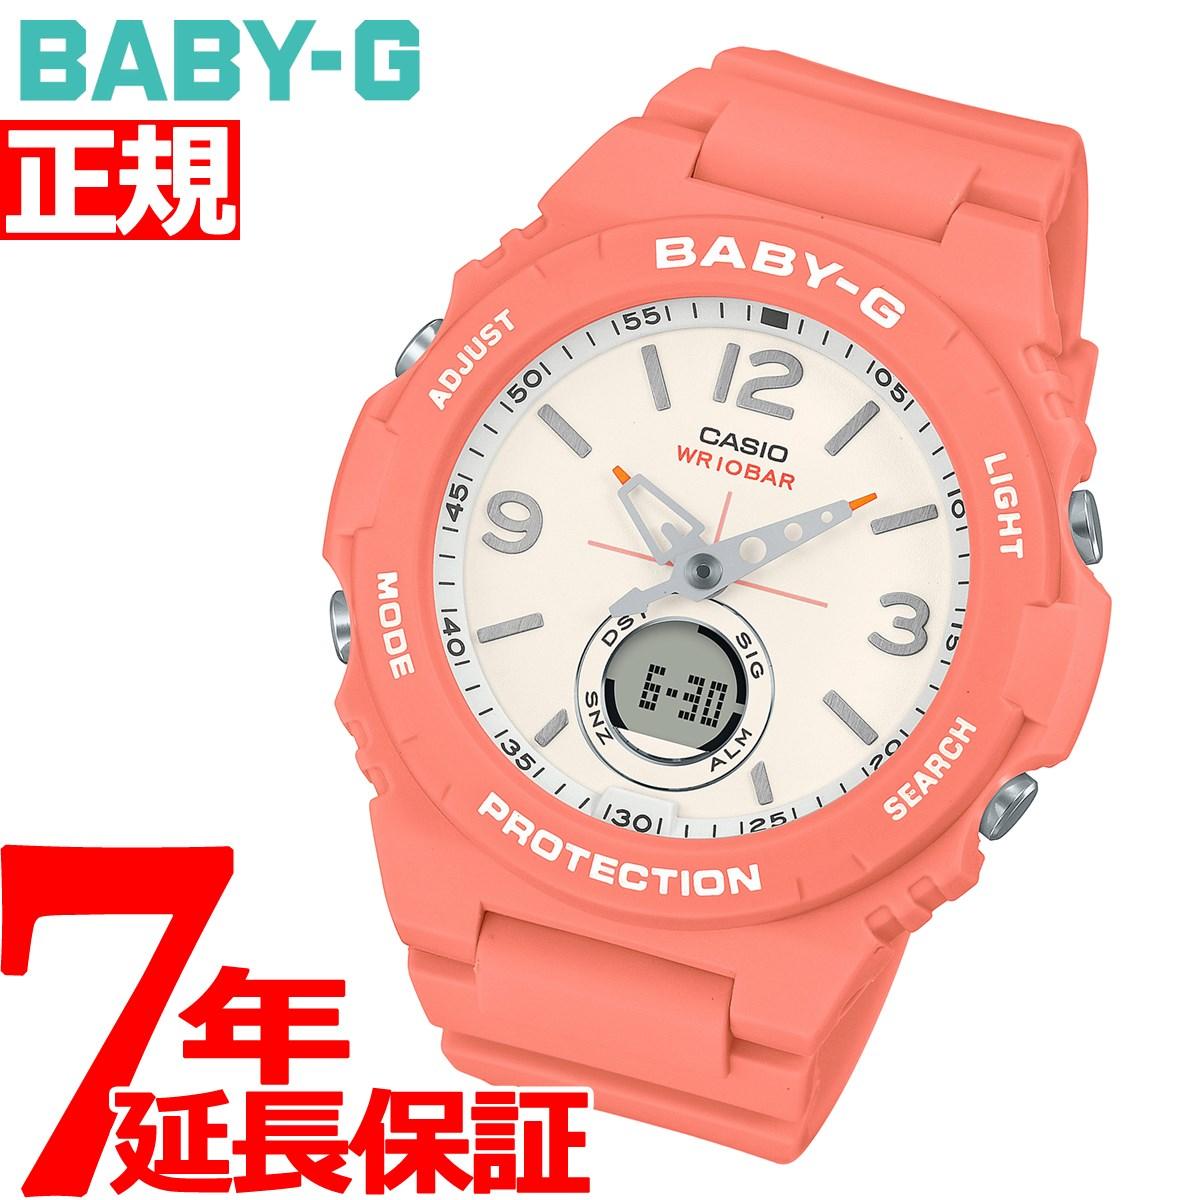 BABY-G カシオ ベビーG レディース 腕時計 BGA-260-4AJF